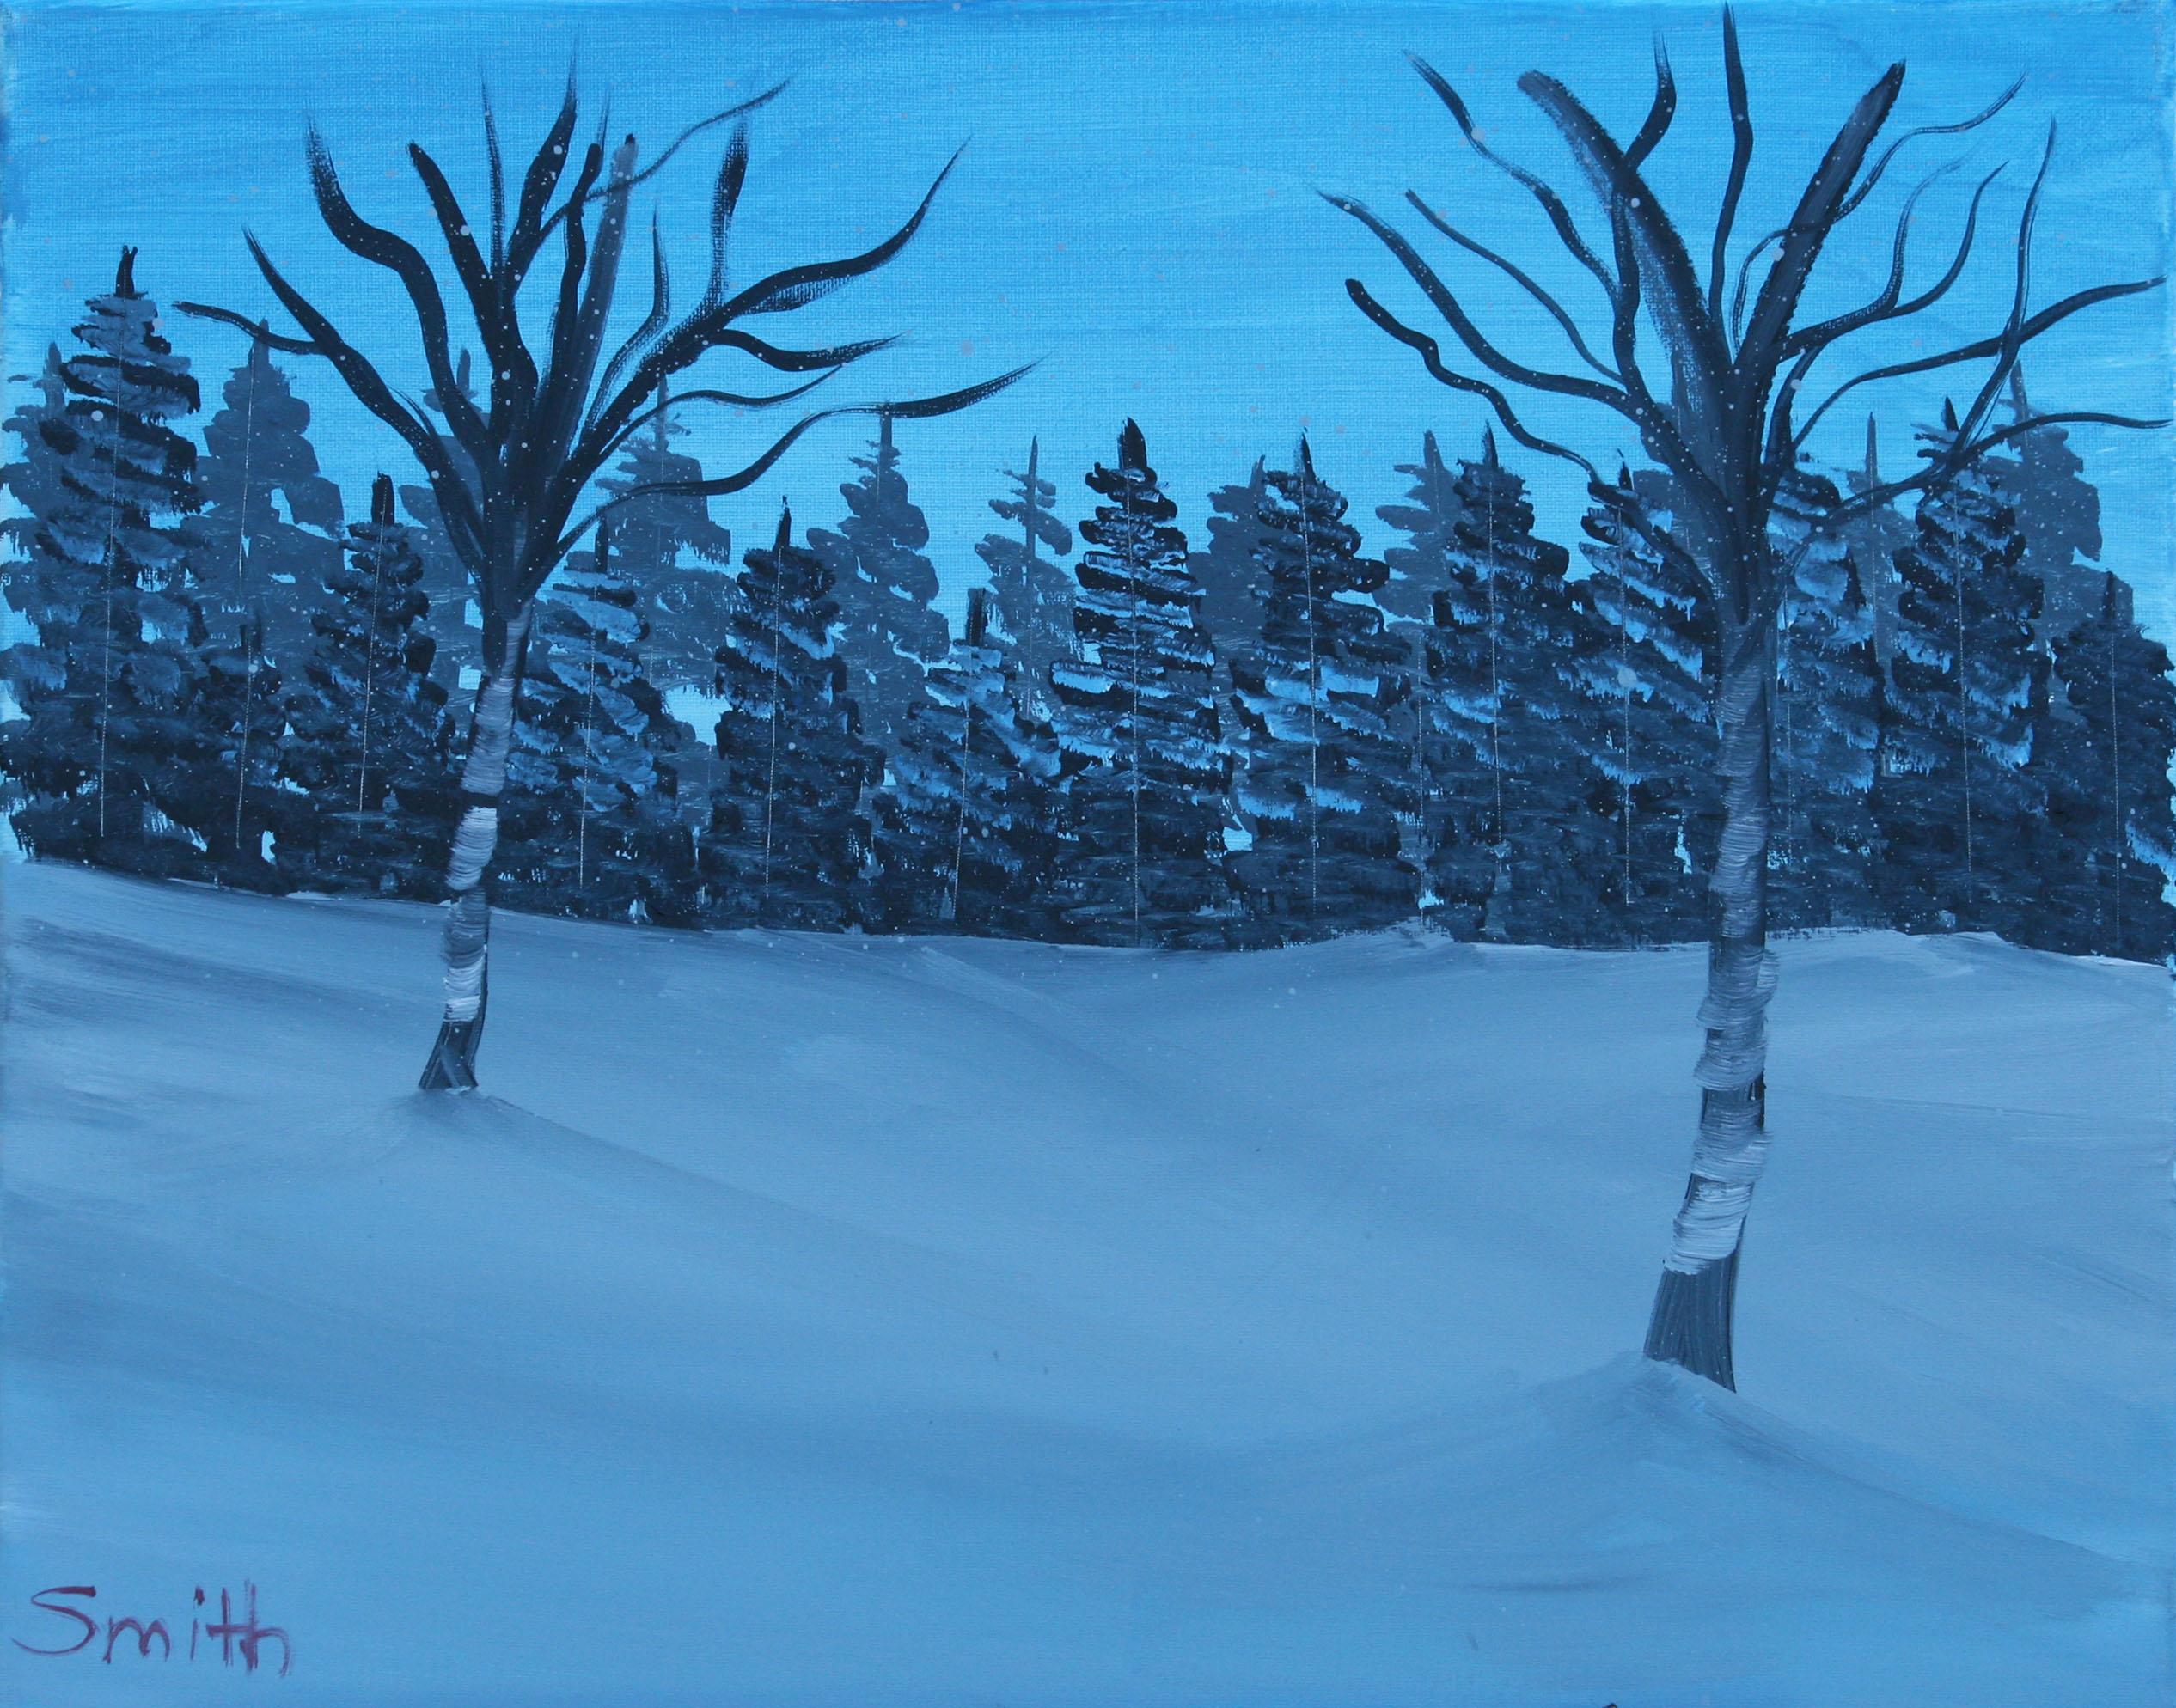 Winter-Stillness